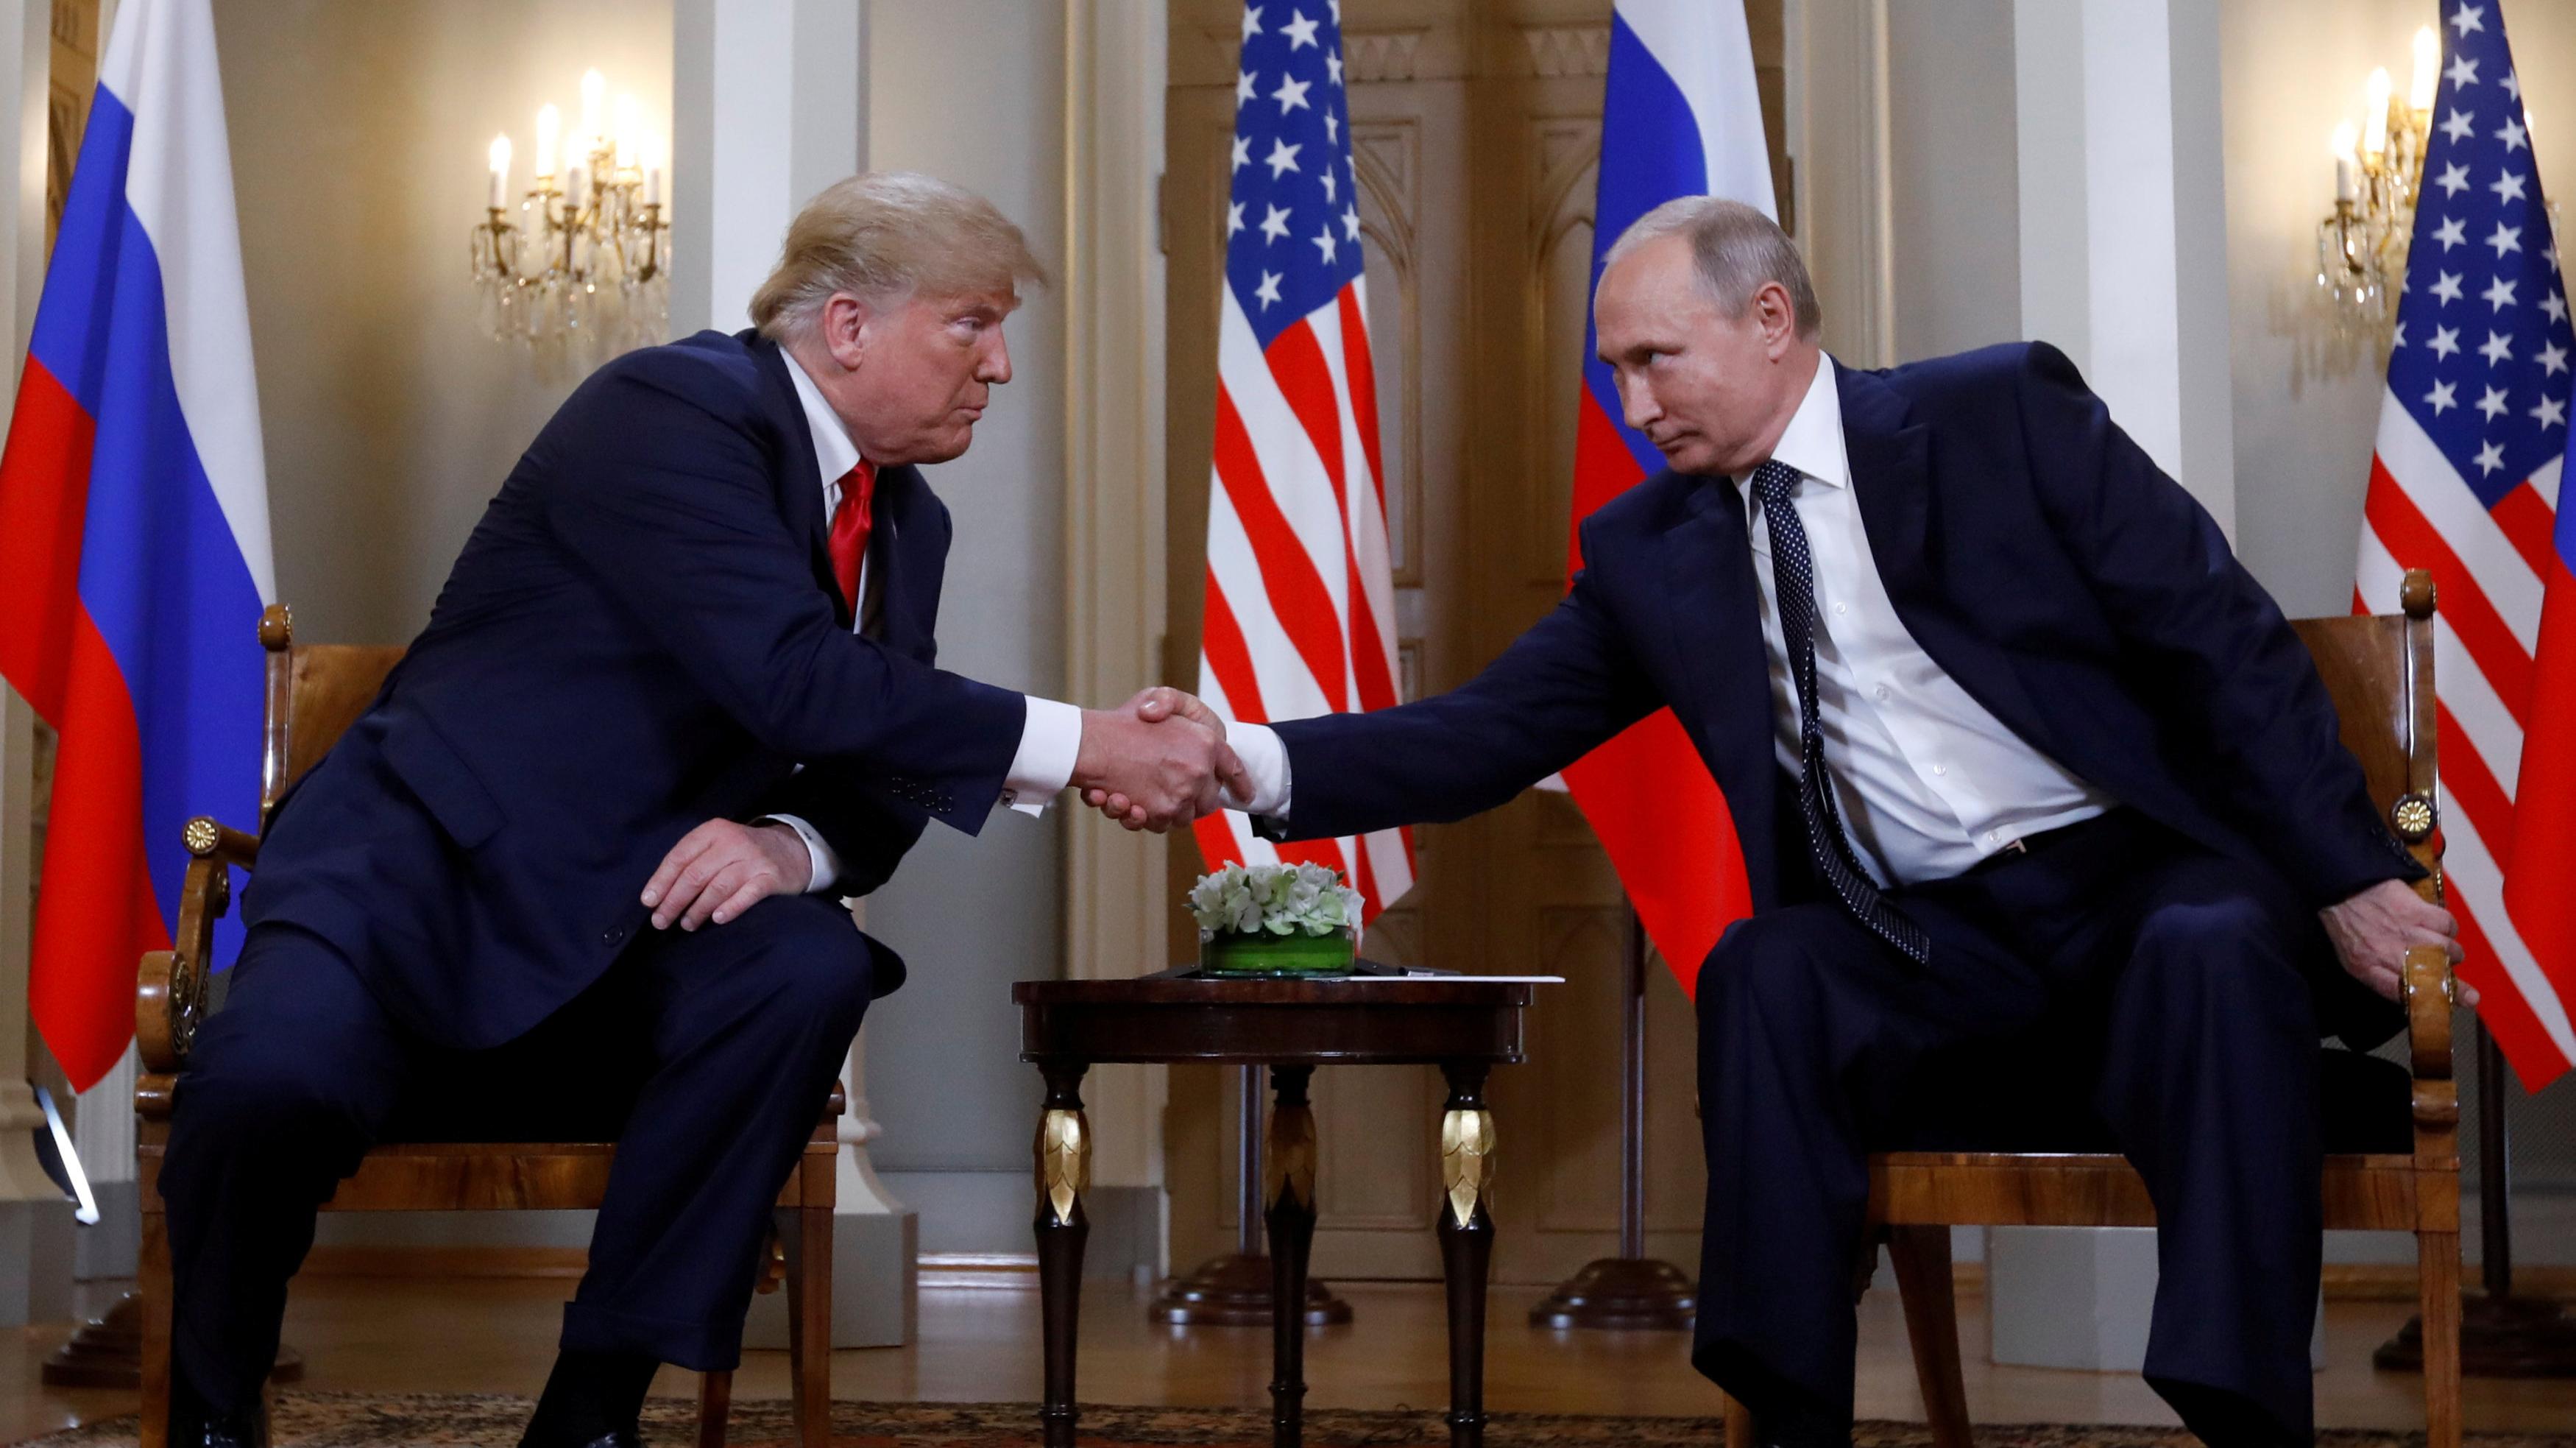 Rusia insiste en rechazar amenazas de Estados Unidos por cooperar con Venezuela y explica presencia militar en el país